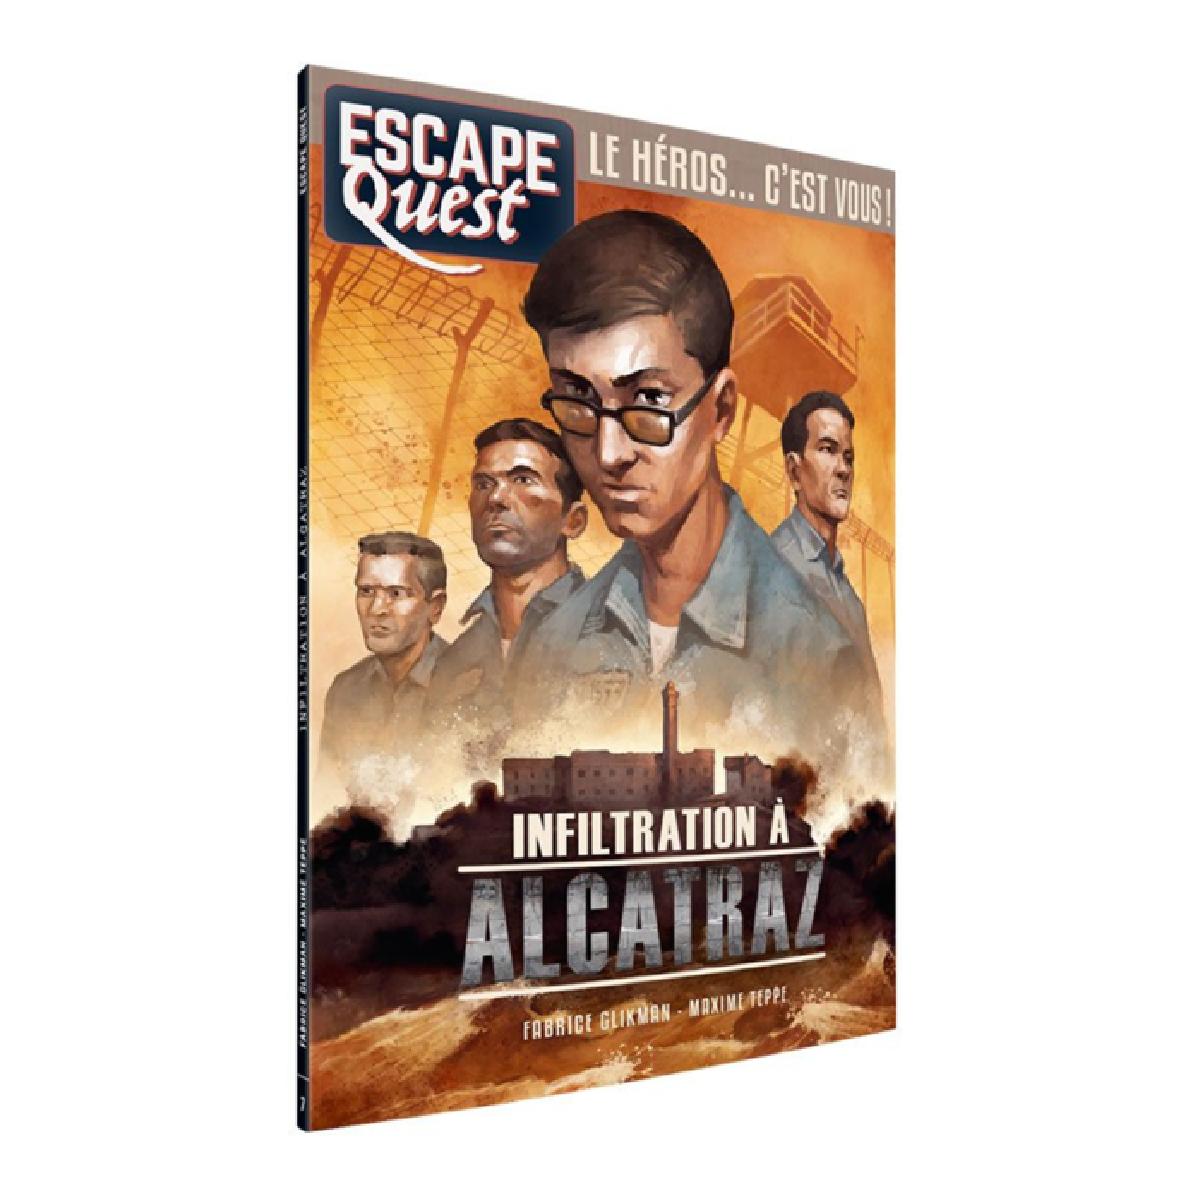 Livre Escape Quest - Infiltration à Alcatraz   17,99$